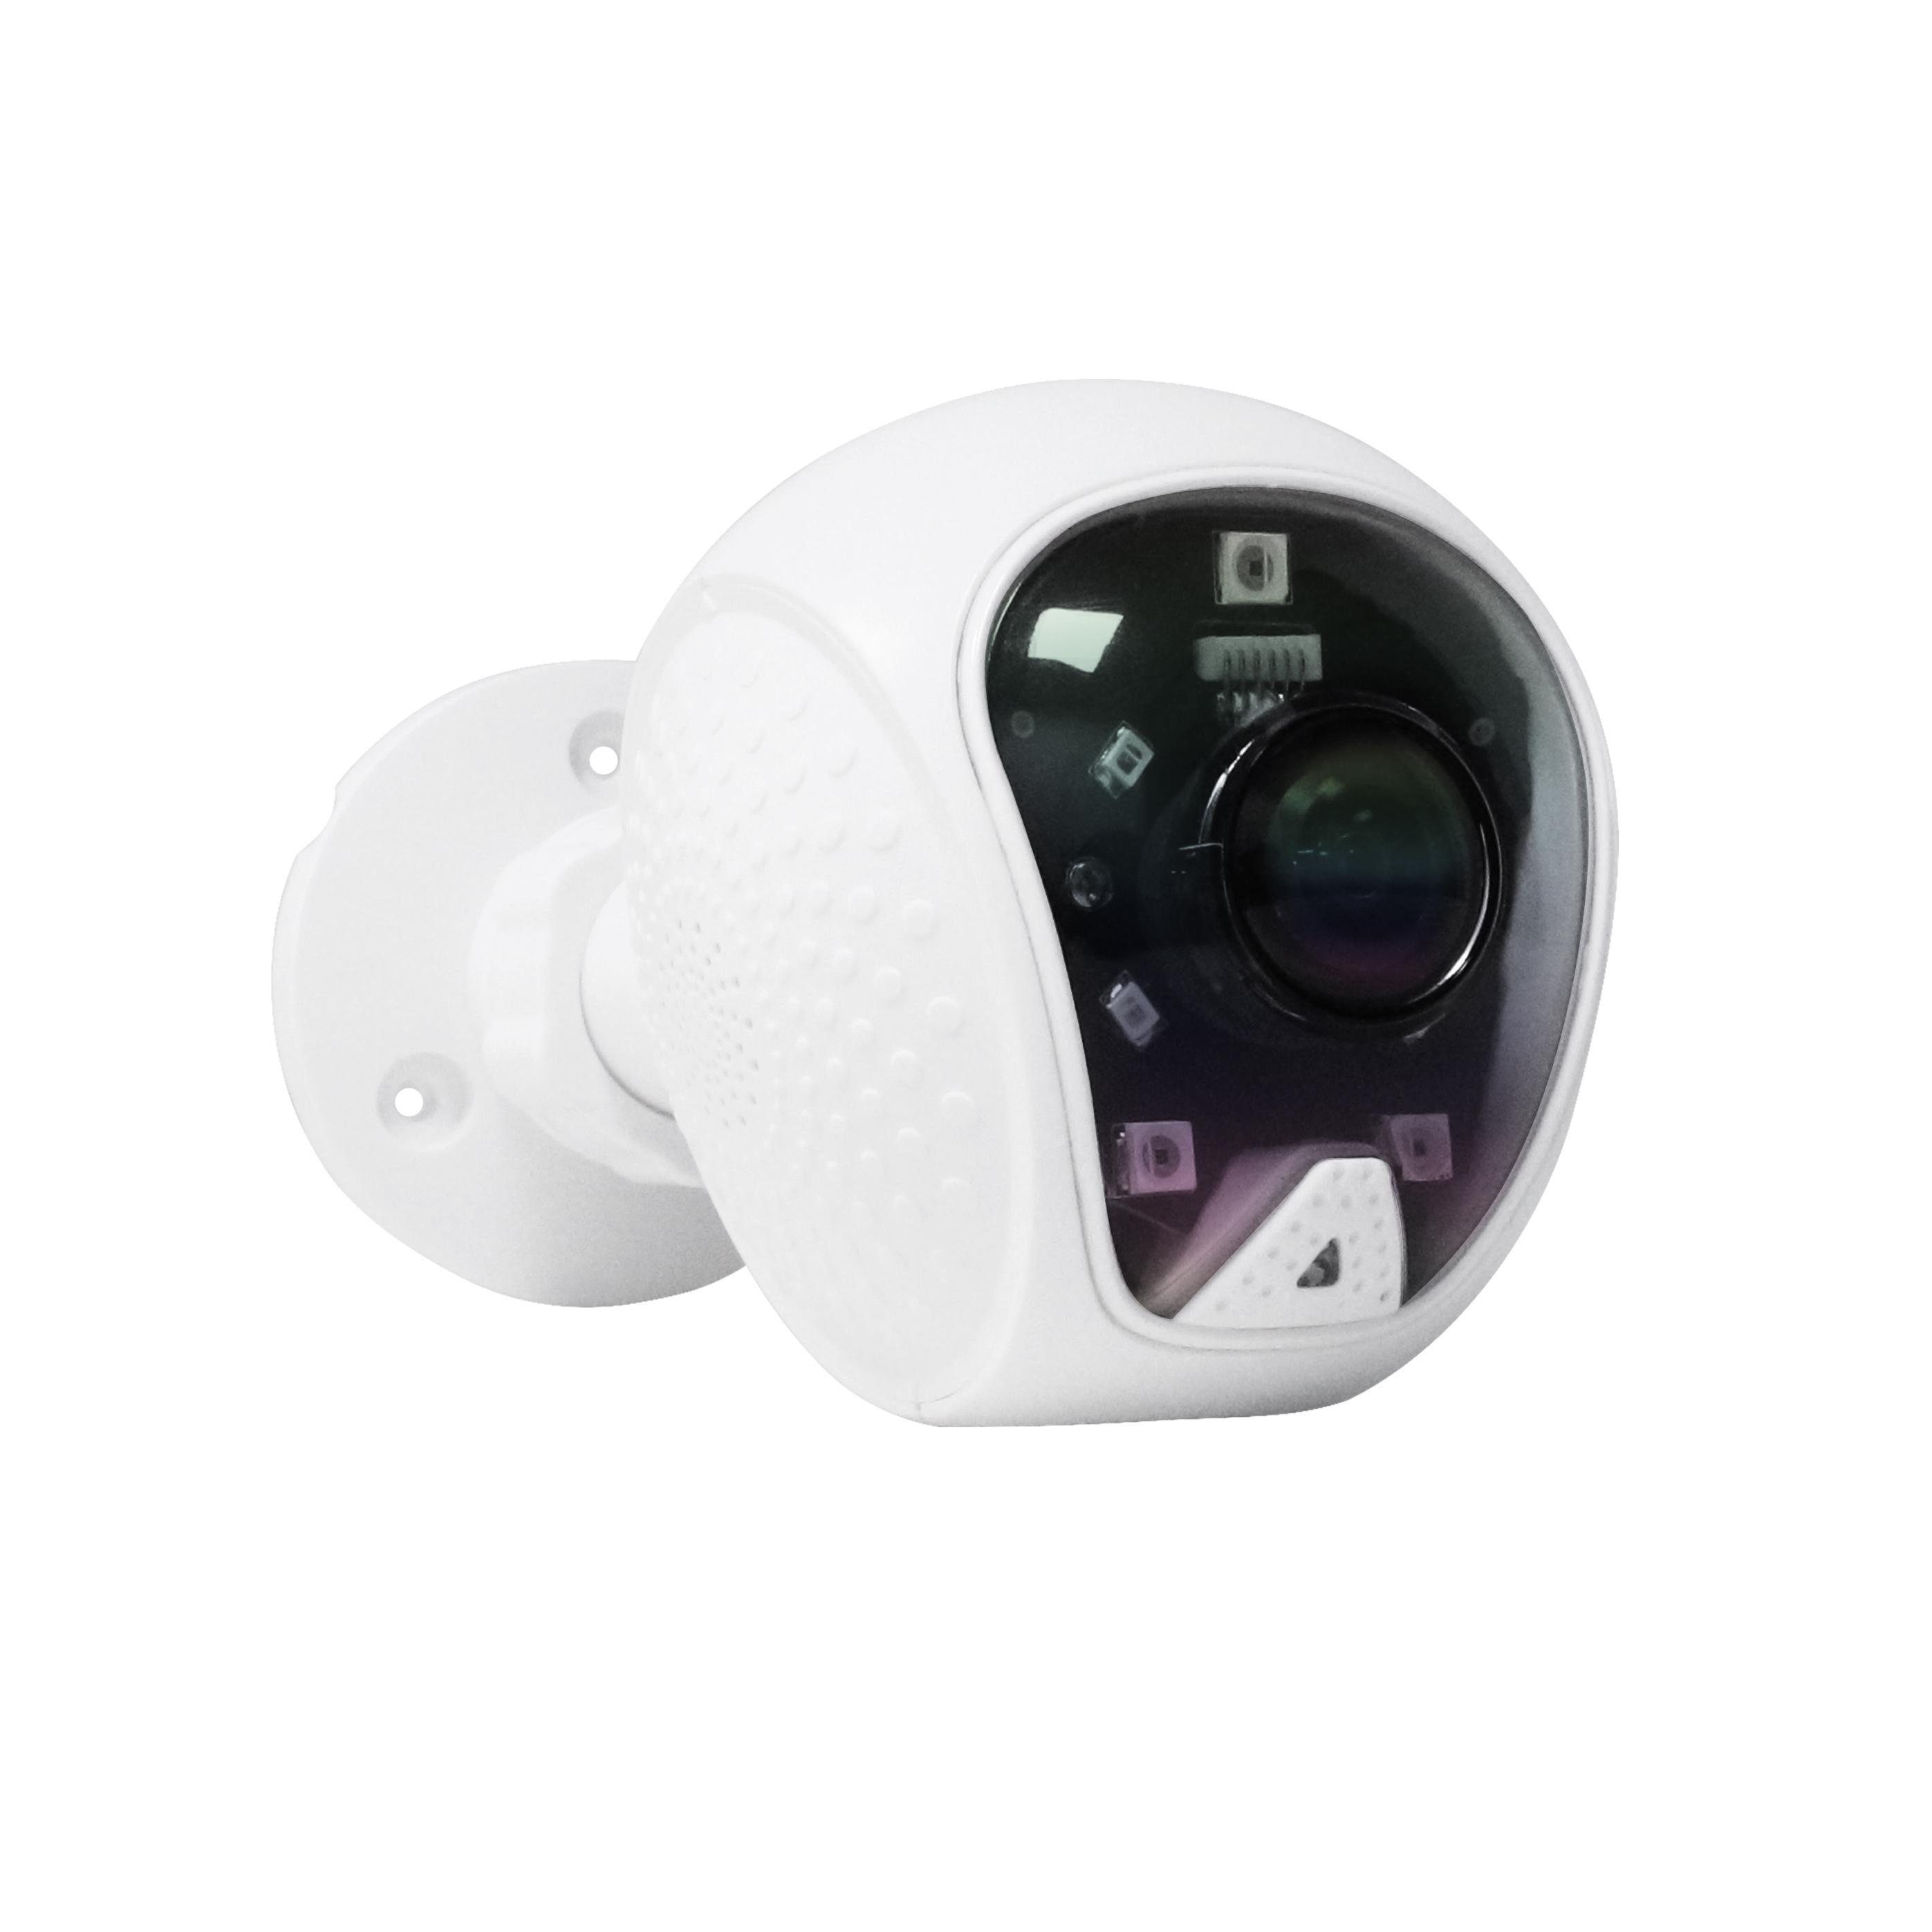 Camera An Ninh - Carecam IP Trong Nhà CC5021 Full HD, Có Màu Quan Sát Ban Đêm, Đàm Thoại 2 Chiều Rõ Ràng - Hàng Nhập Khẩu